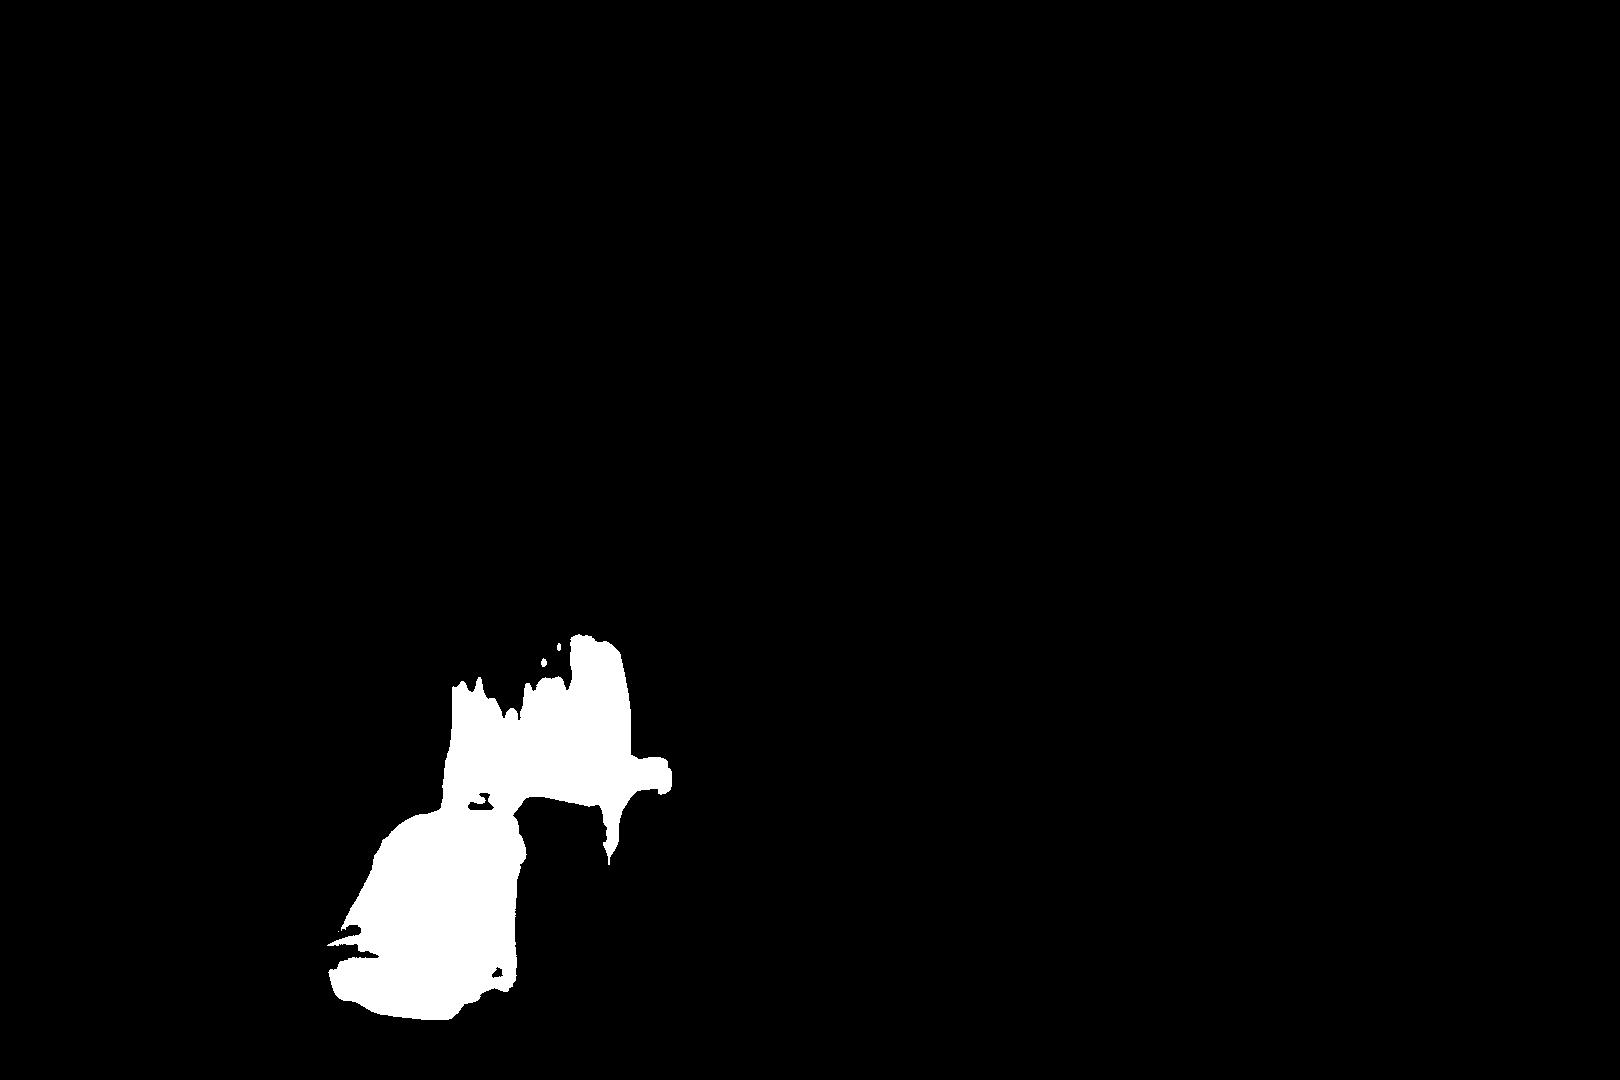 2_mask_chair.jpg